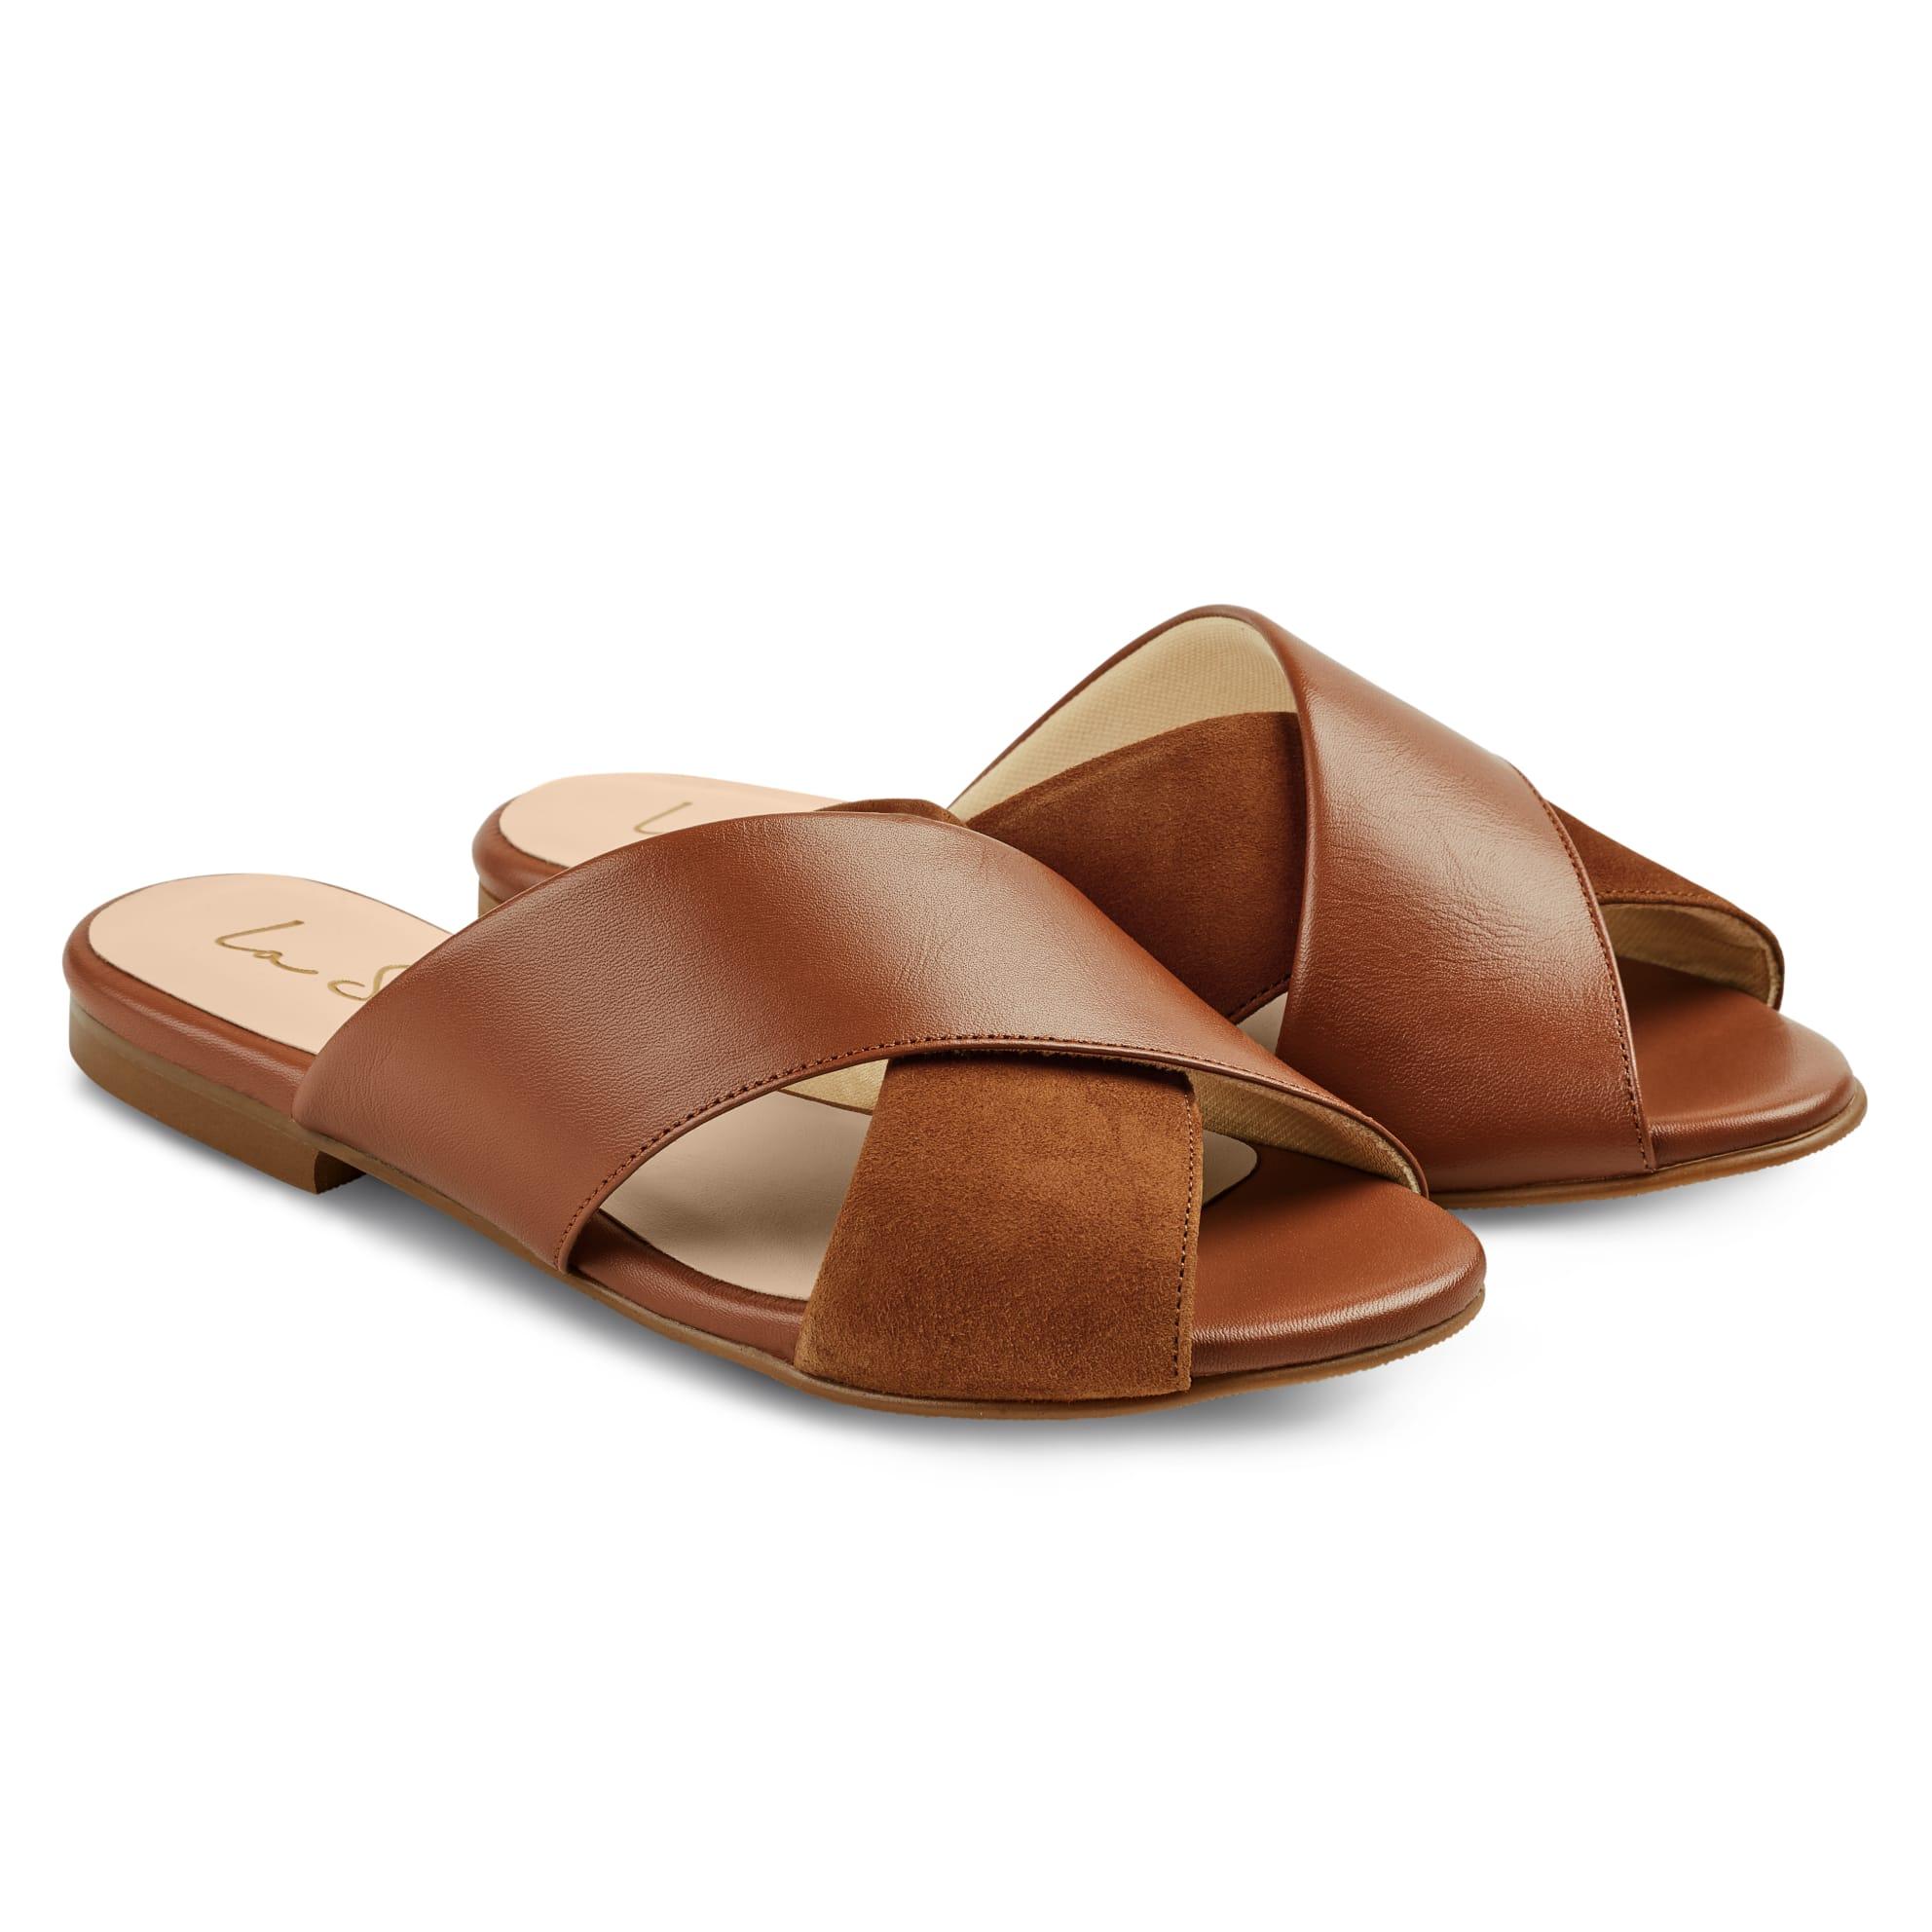 Pantolette Materialmix Cognac – modischer und bequemer Schuh für Hallux valgus und empfindliche Füße von LaShoe.de